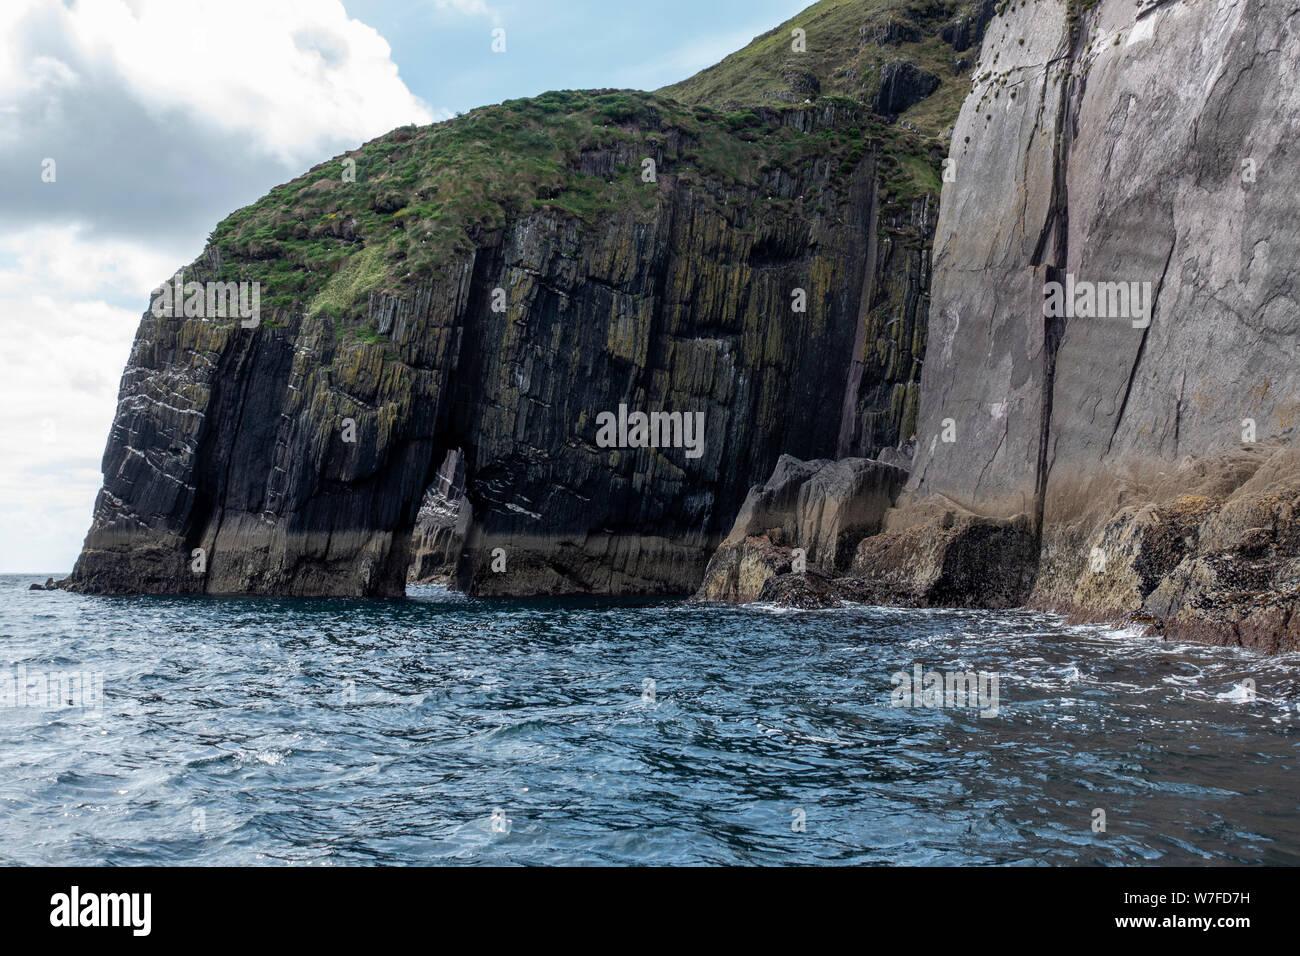 Passage de la mer vu de yacht - Péninsule de Dingle, comté de Kerry, Irlande Banque D'Images